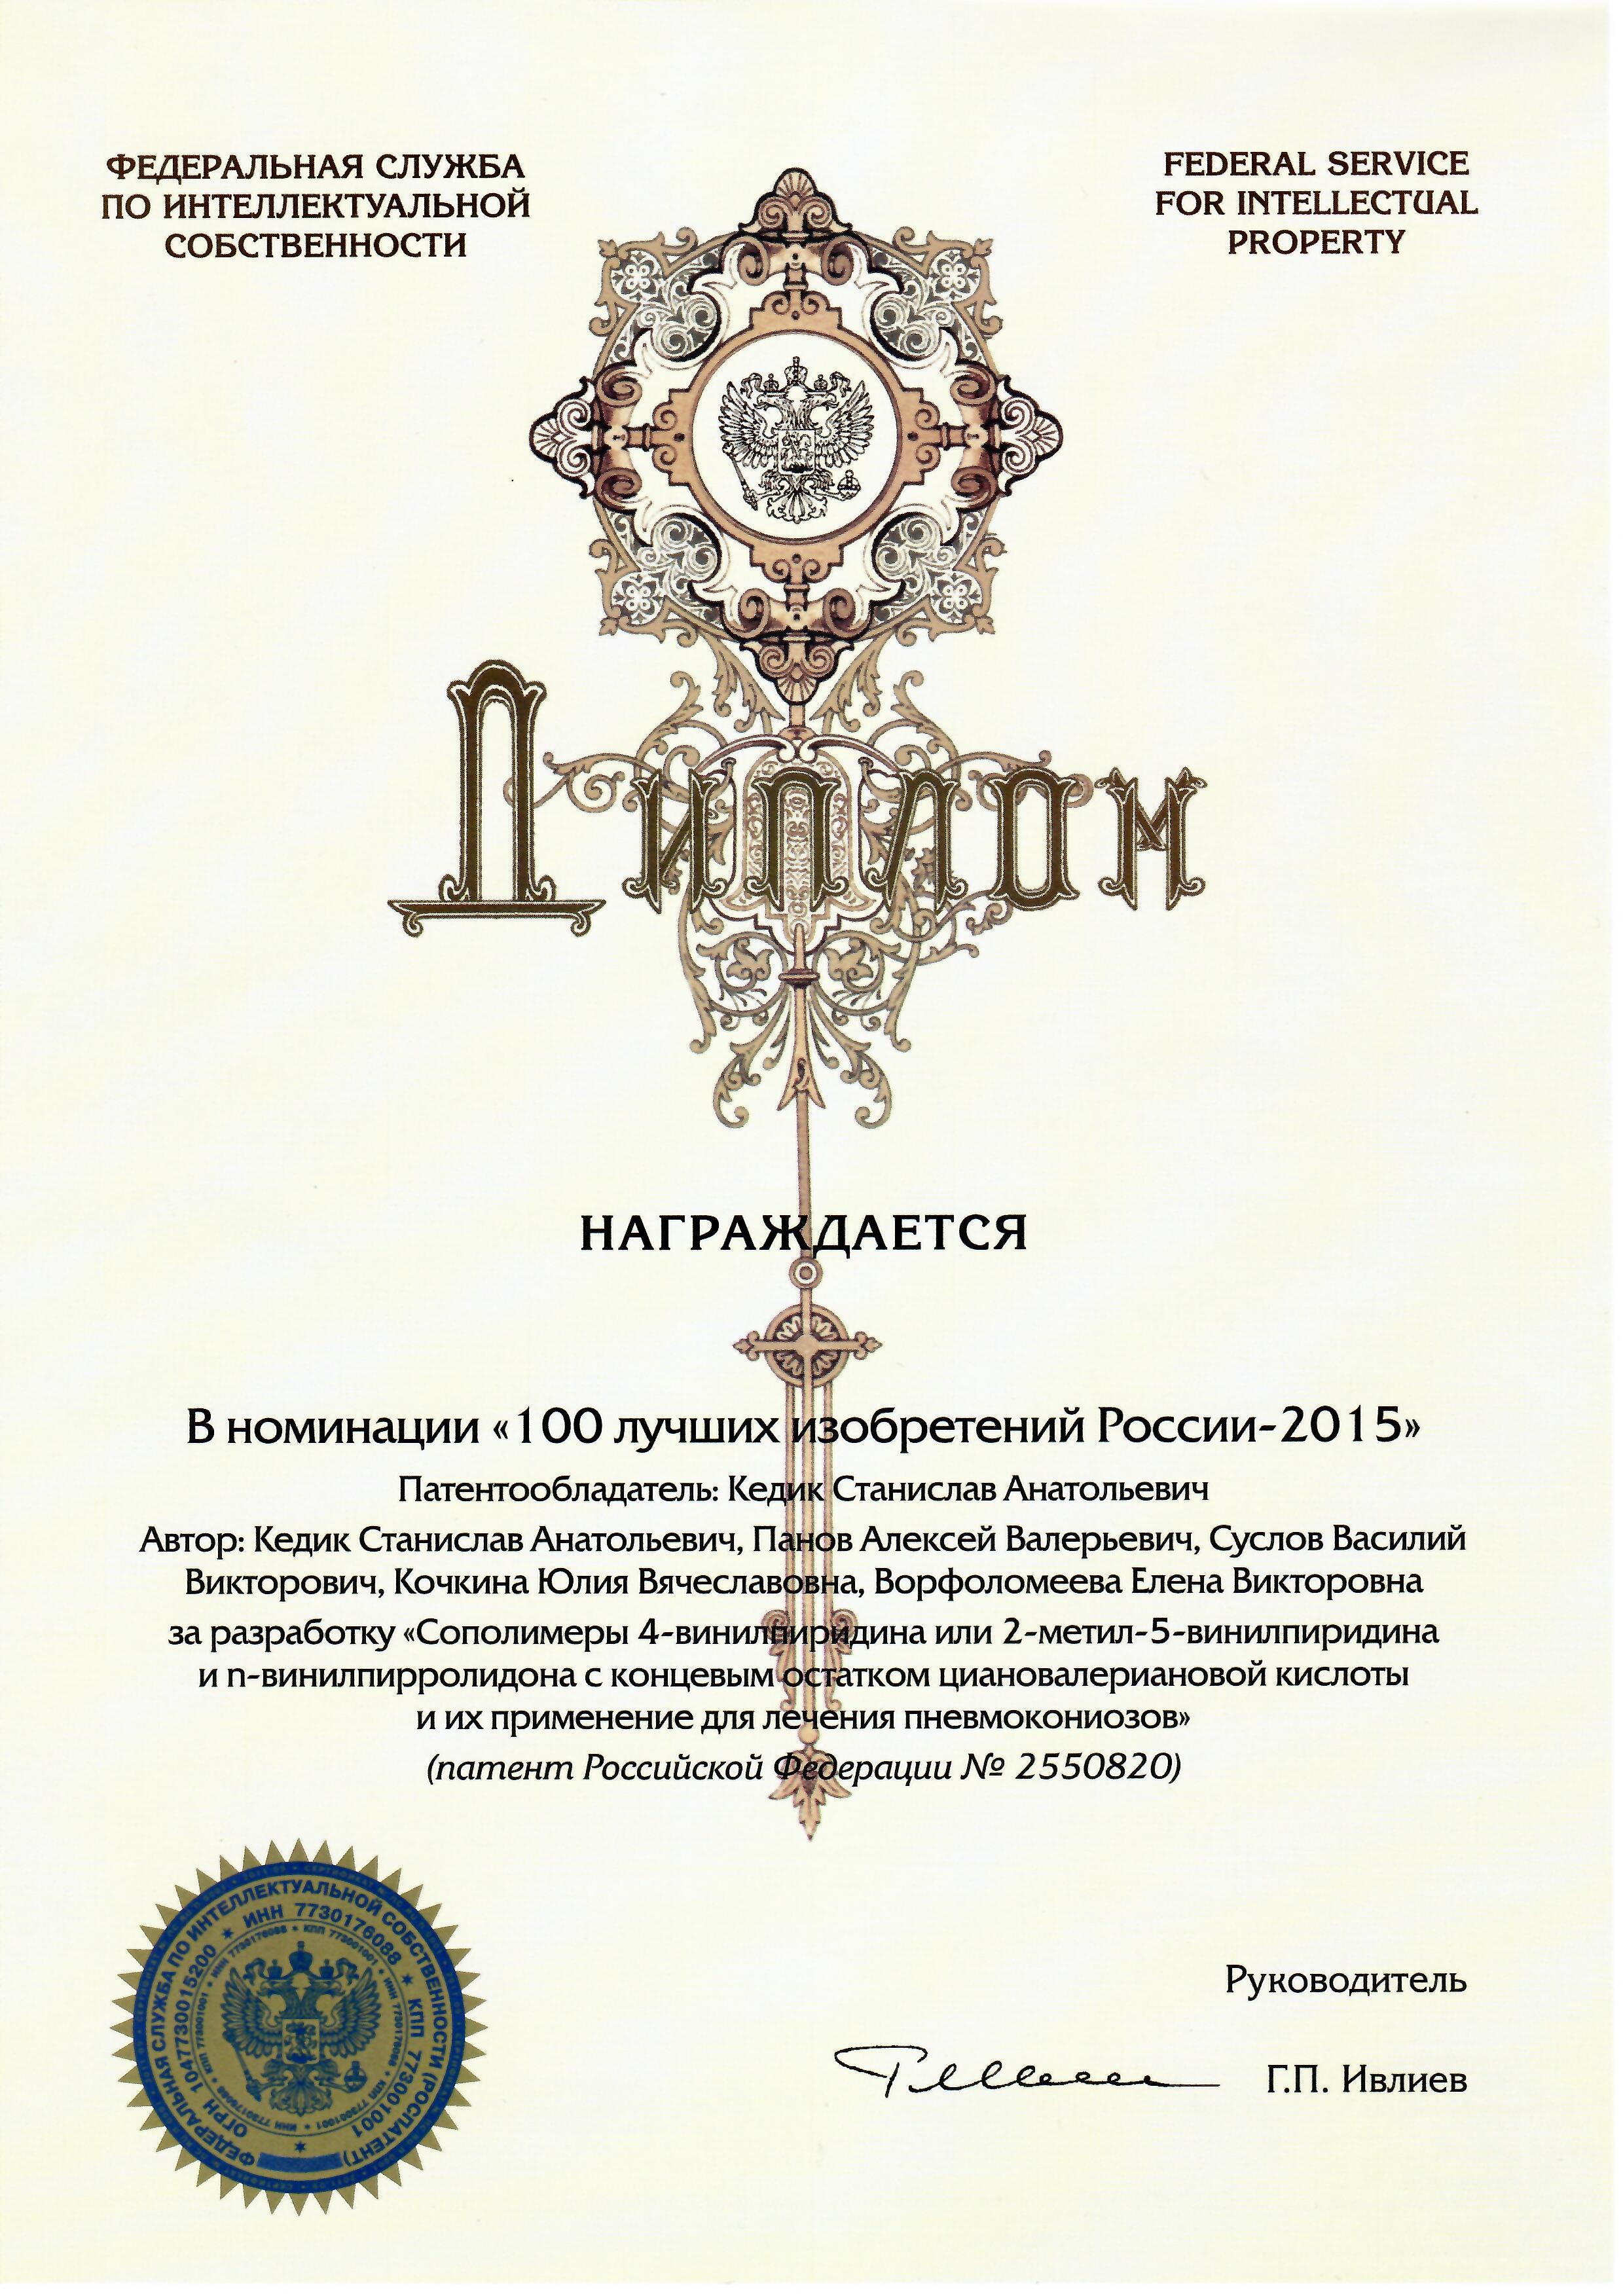 Диплом в номинации 100 лучших изобретений России 2015